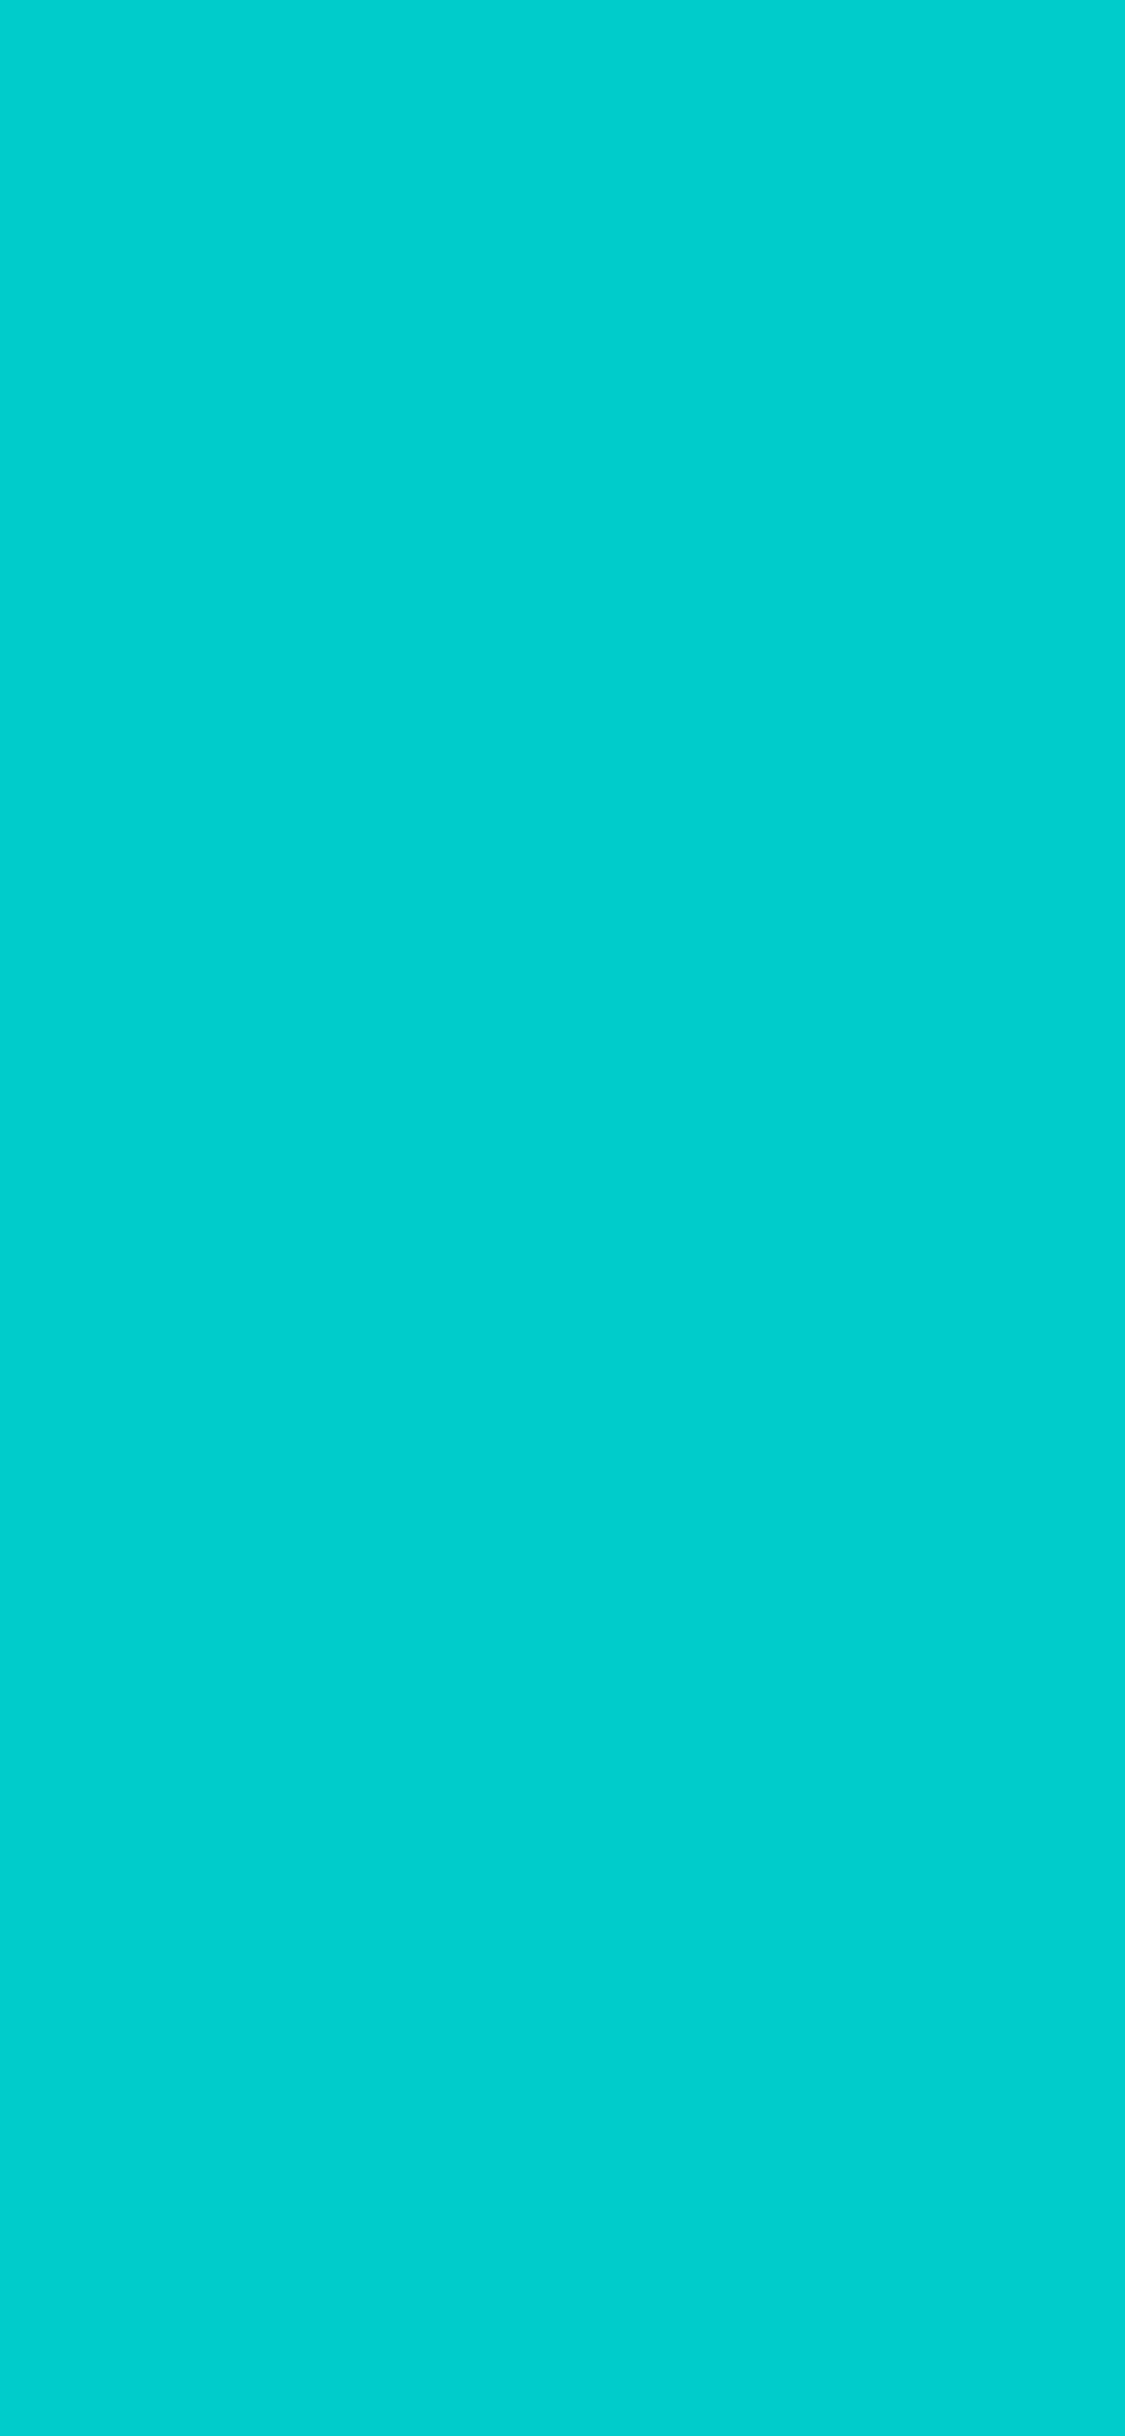 1125x2436 Robin Egg Blue Solid Color Background